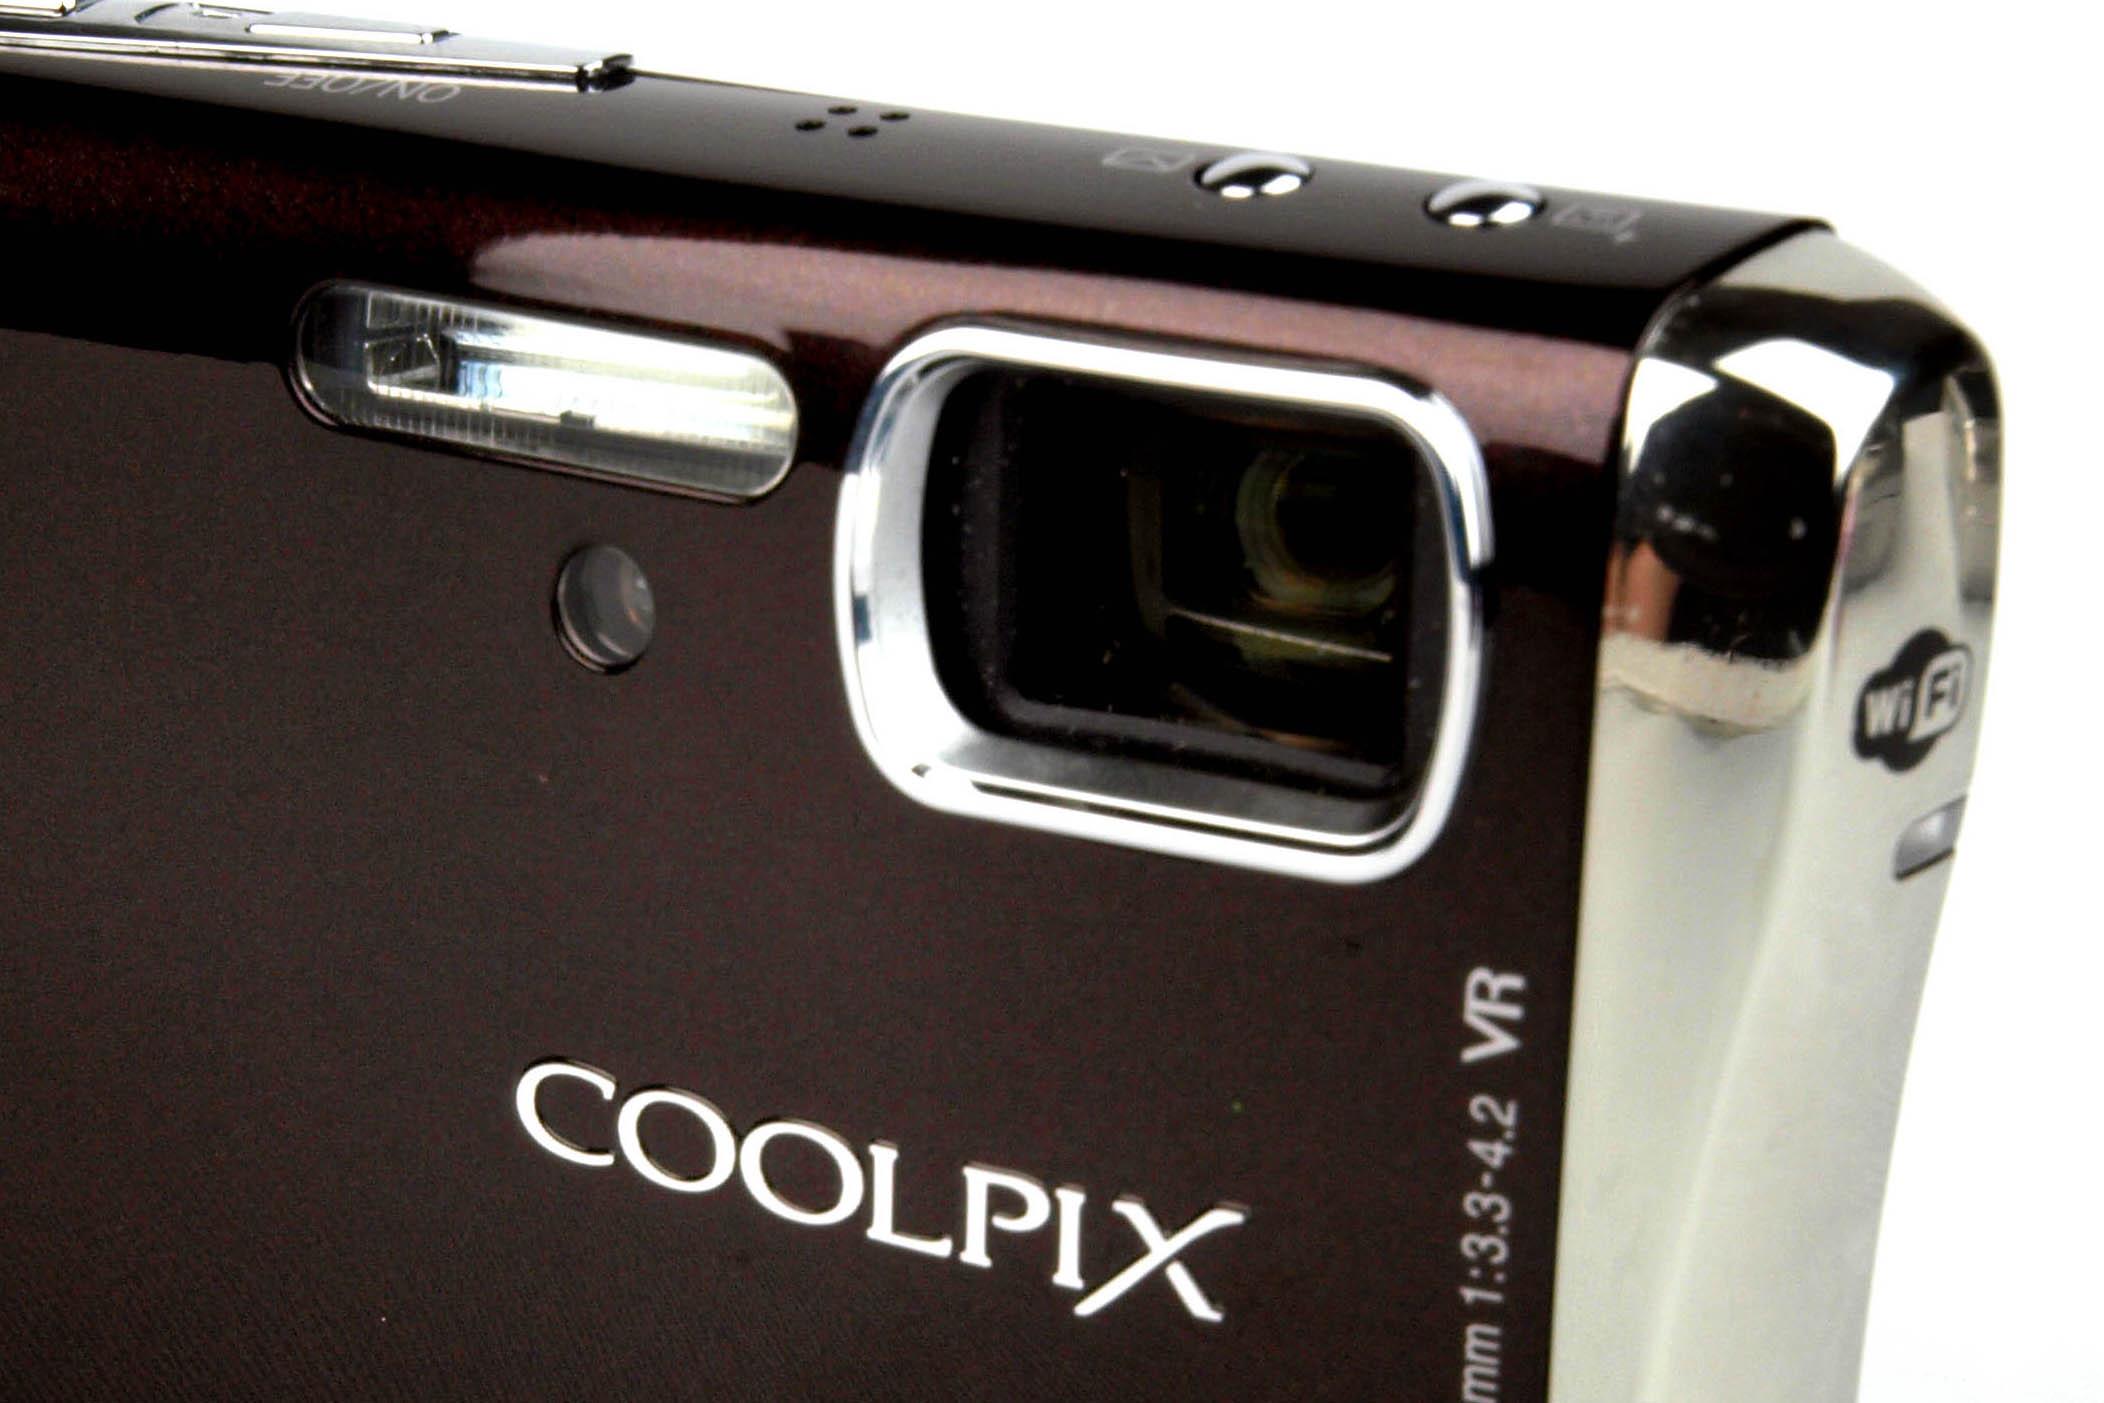 Nikon coolpix s52c digital camera review.